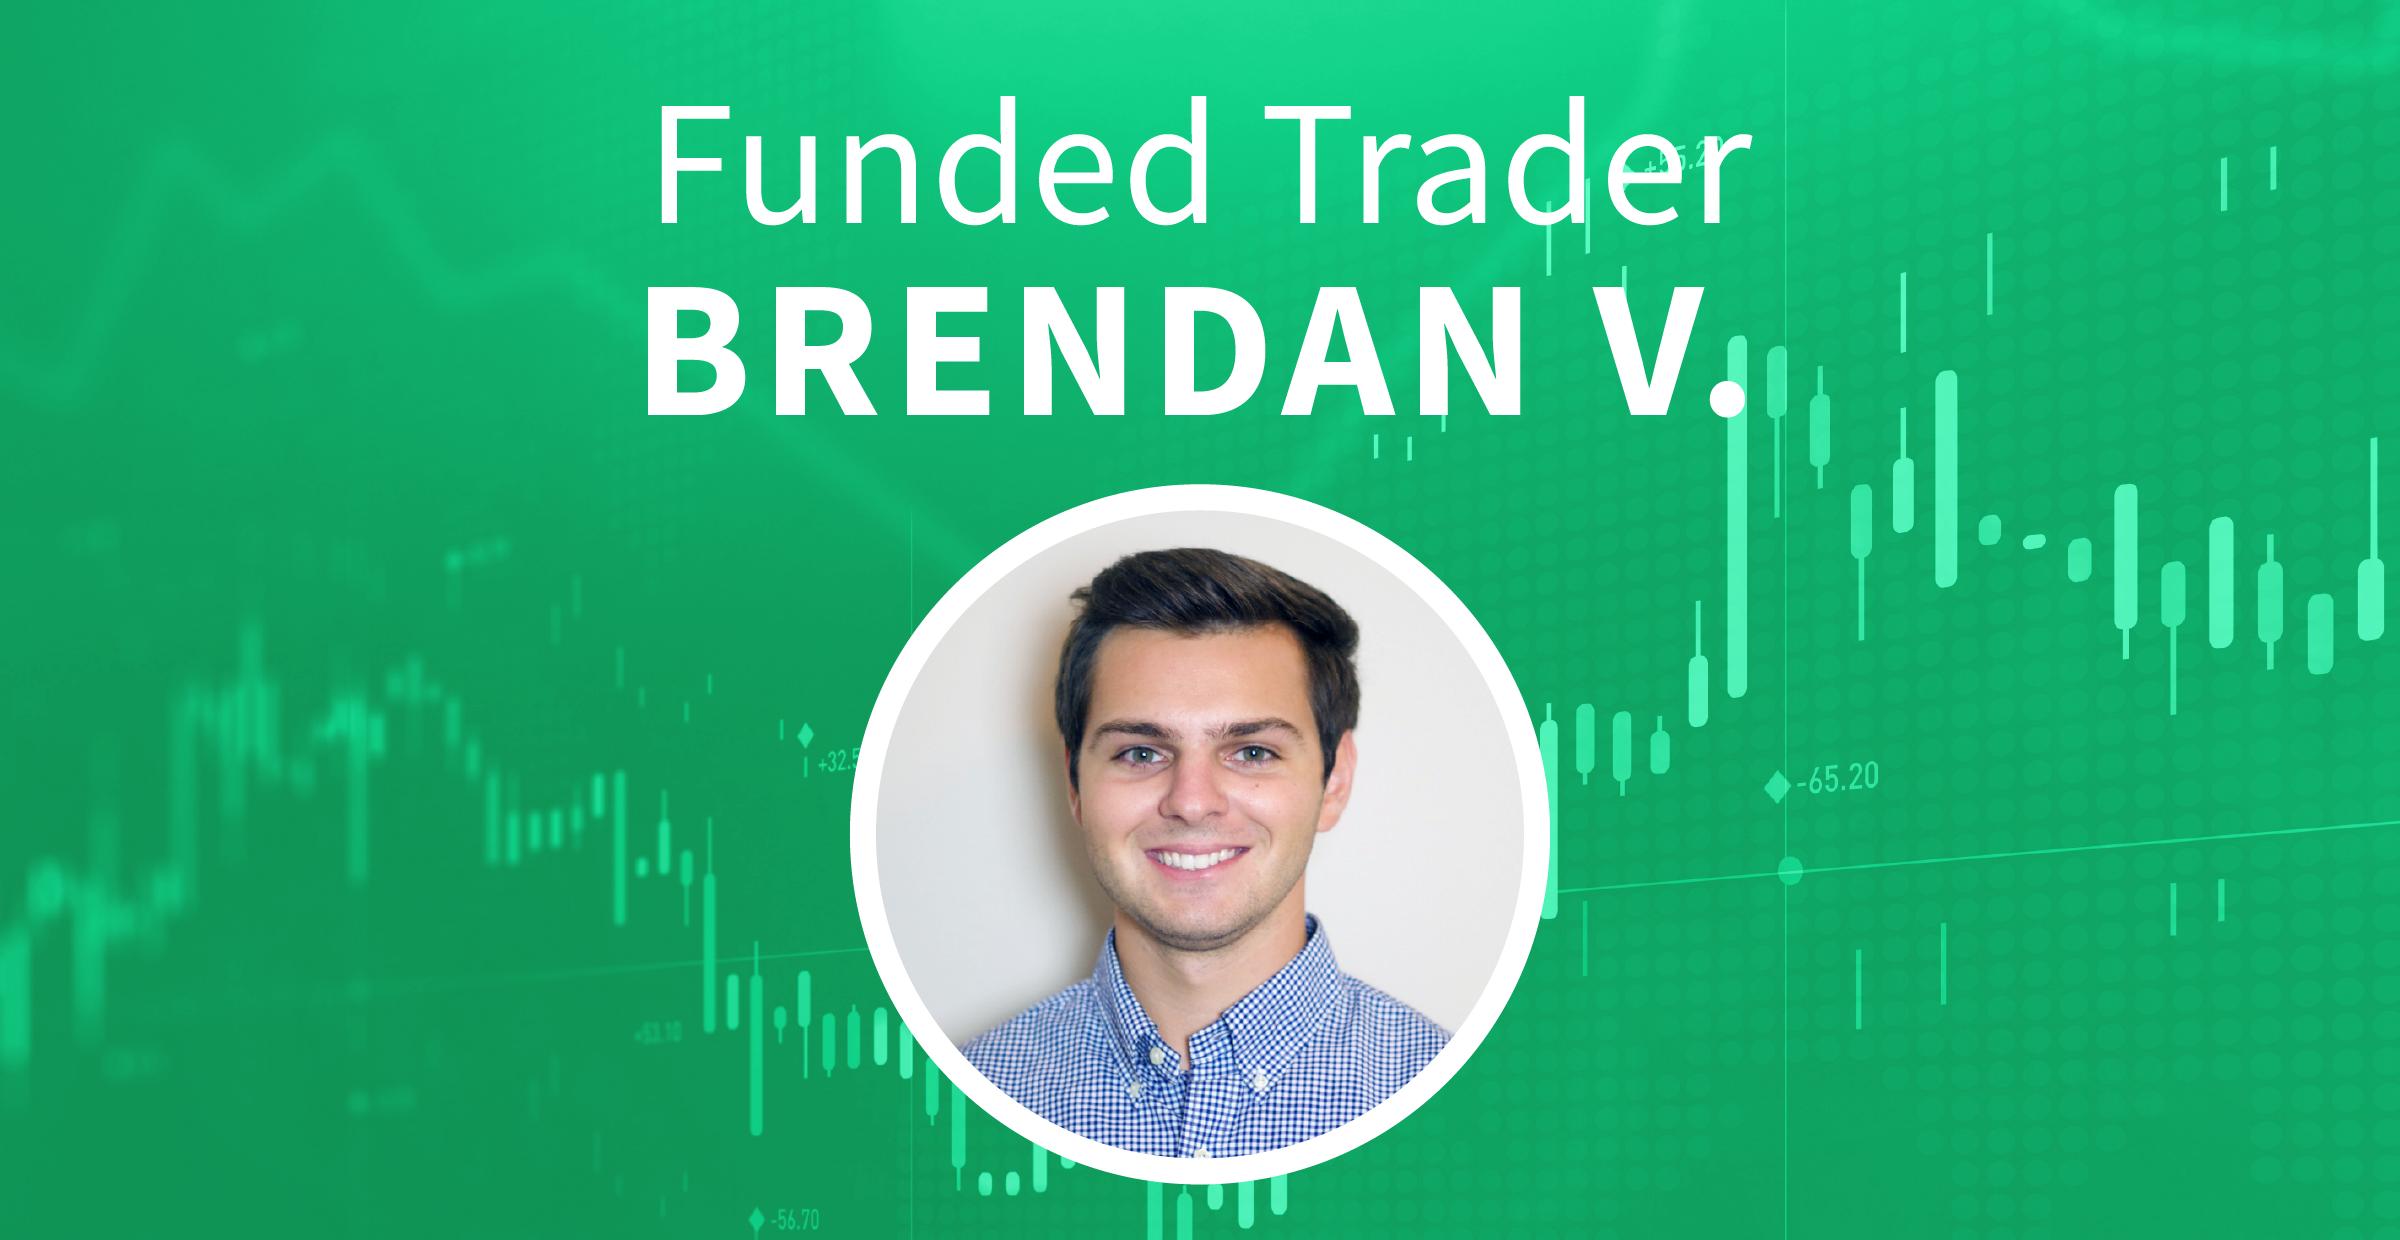 Brendan V